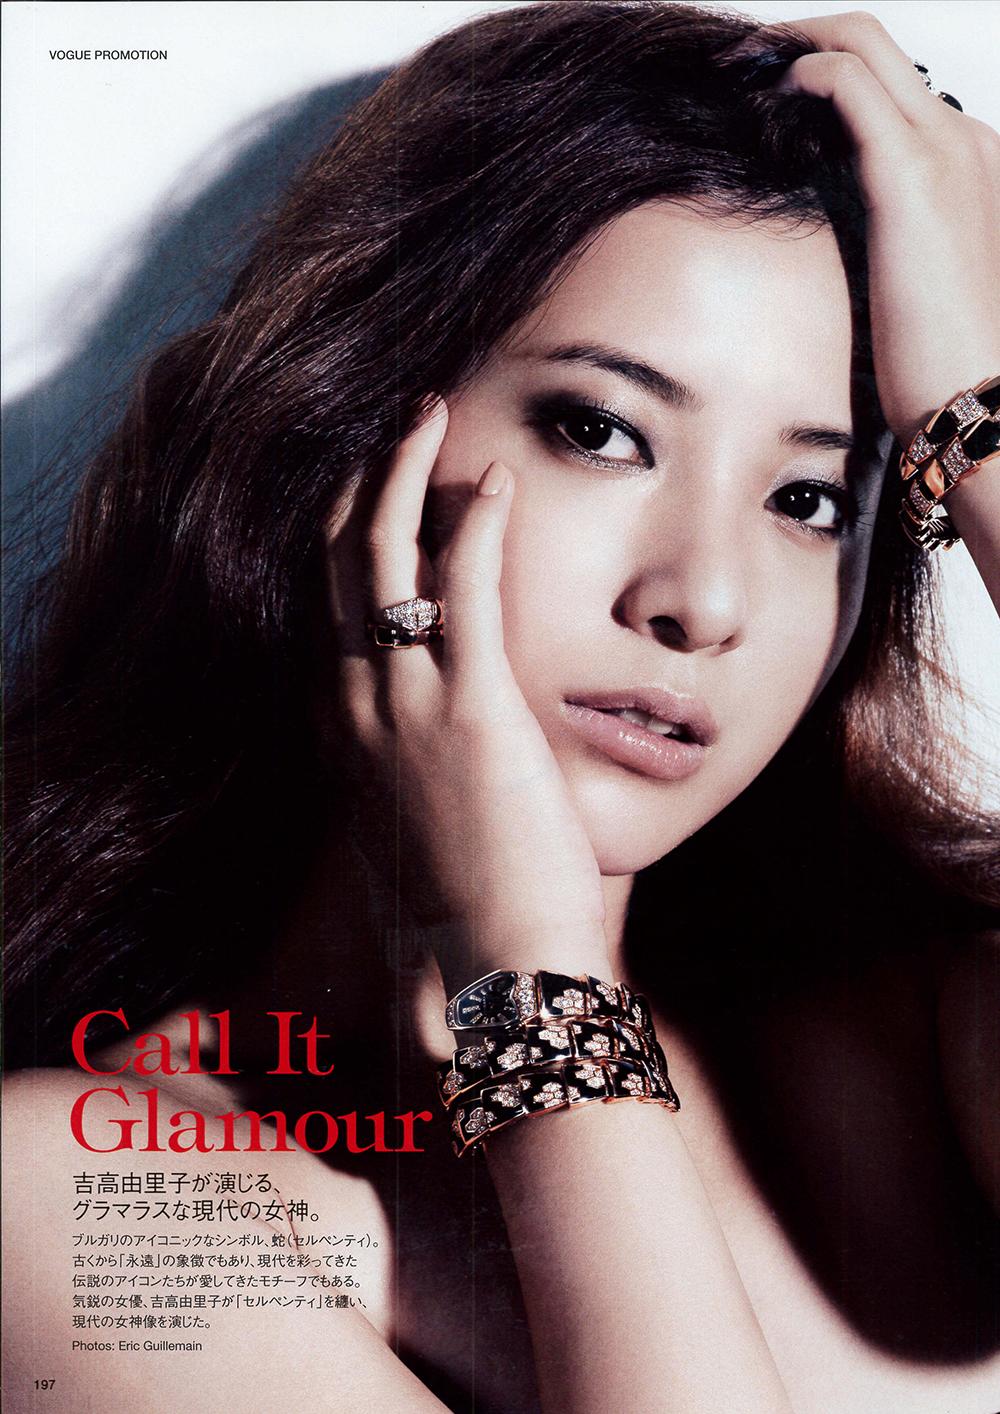 Vogue Japan Yuriko Yohsitaka